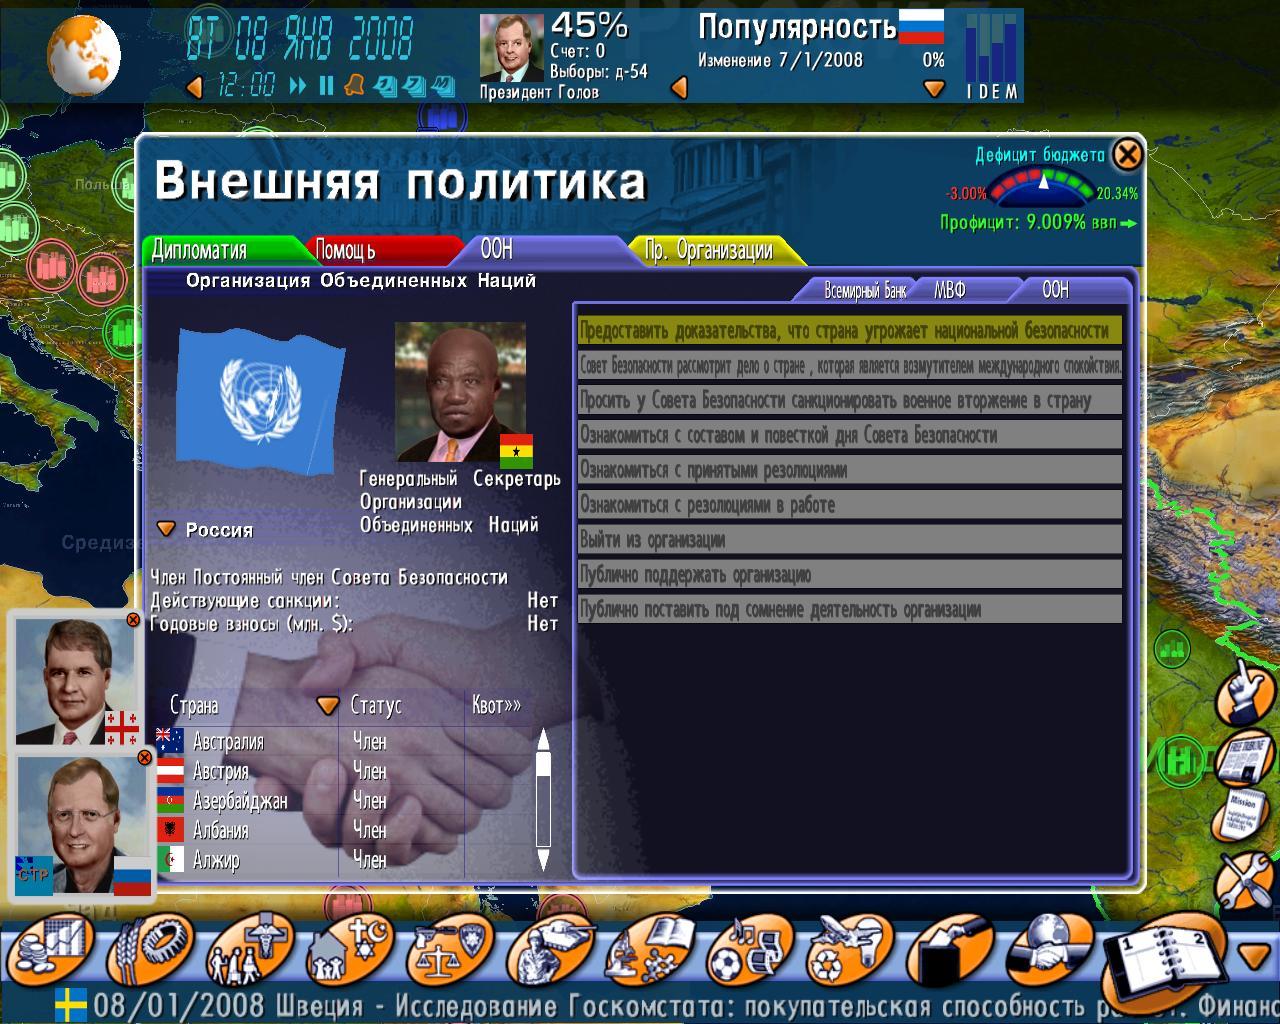 Геополитический симулятор выборы 2017 скачать бесплатно